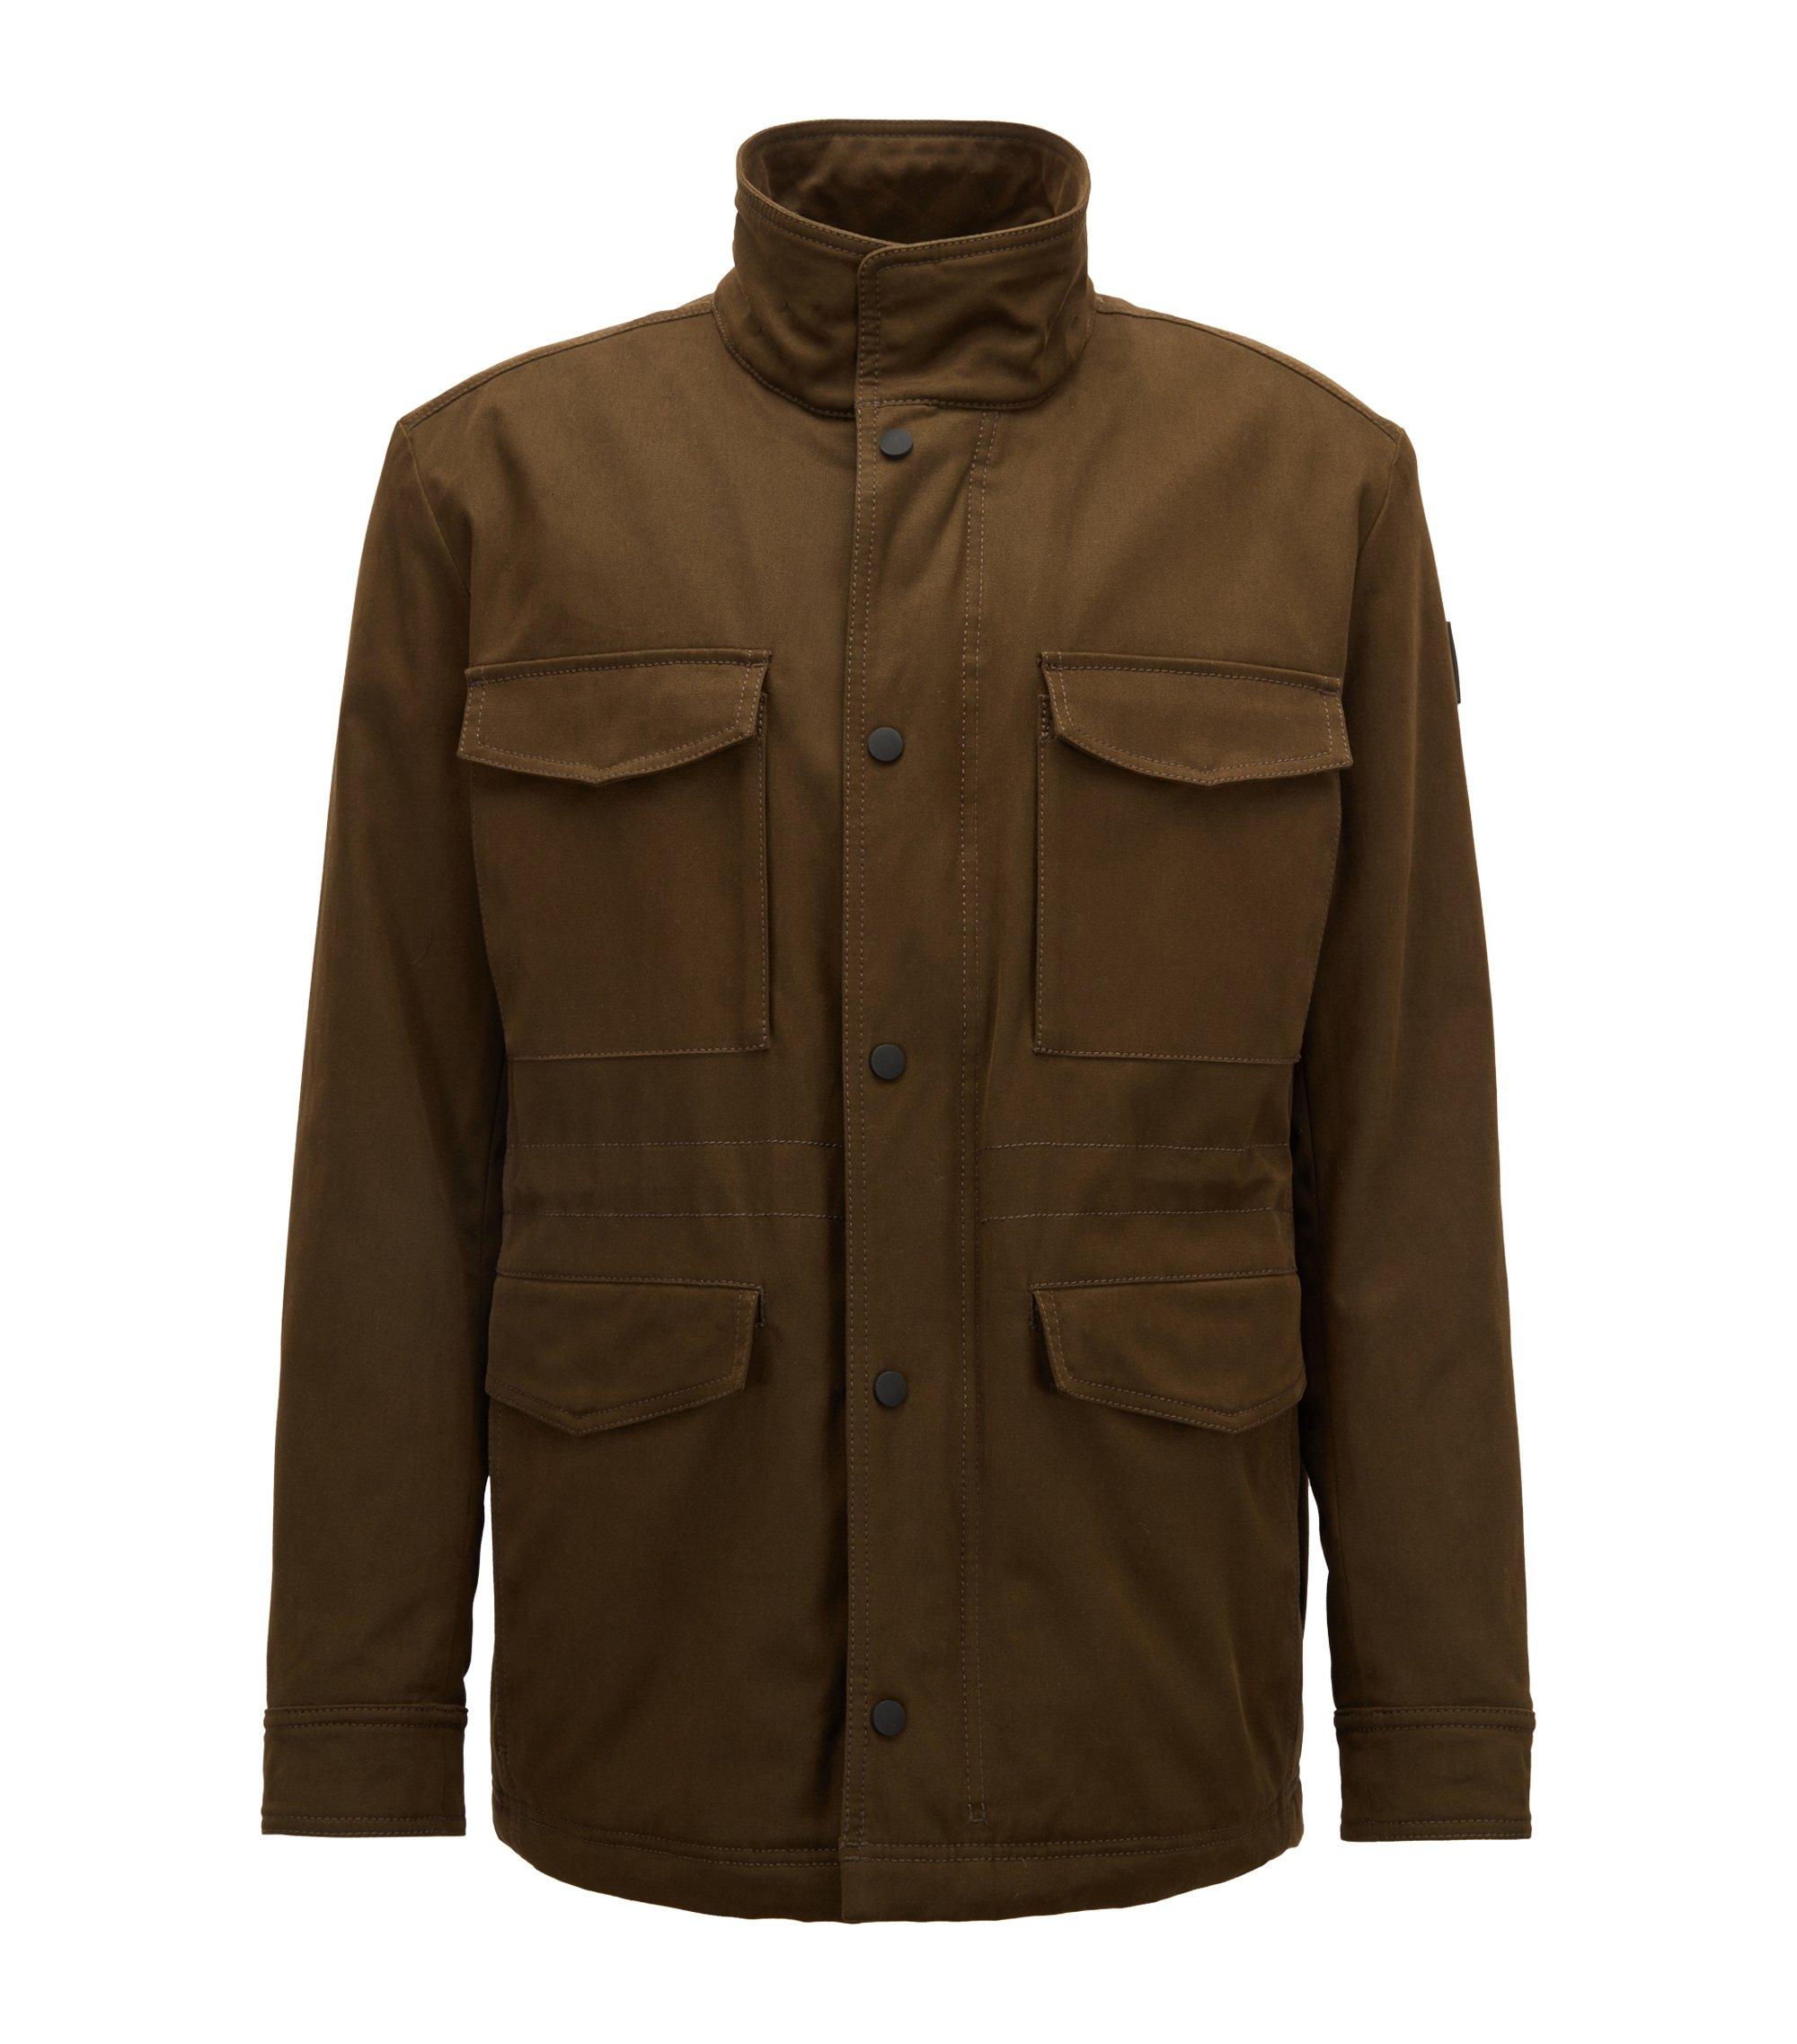 Veste imperméable avec garnissage PrimaLoft®, Vert sombre